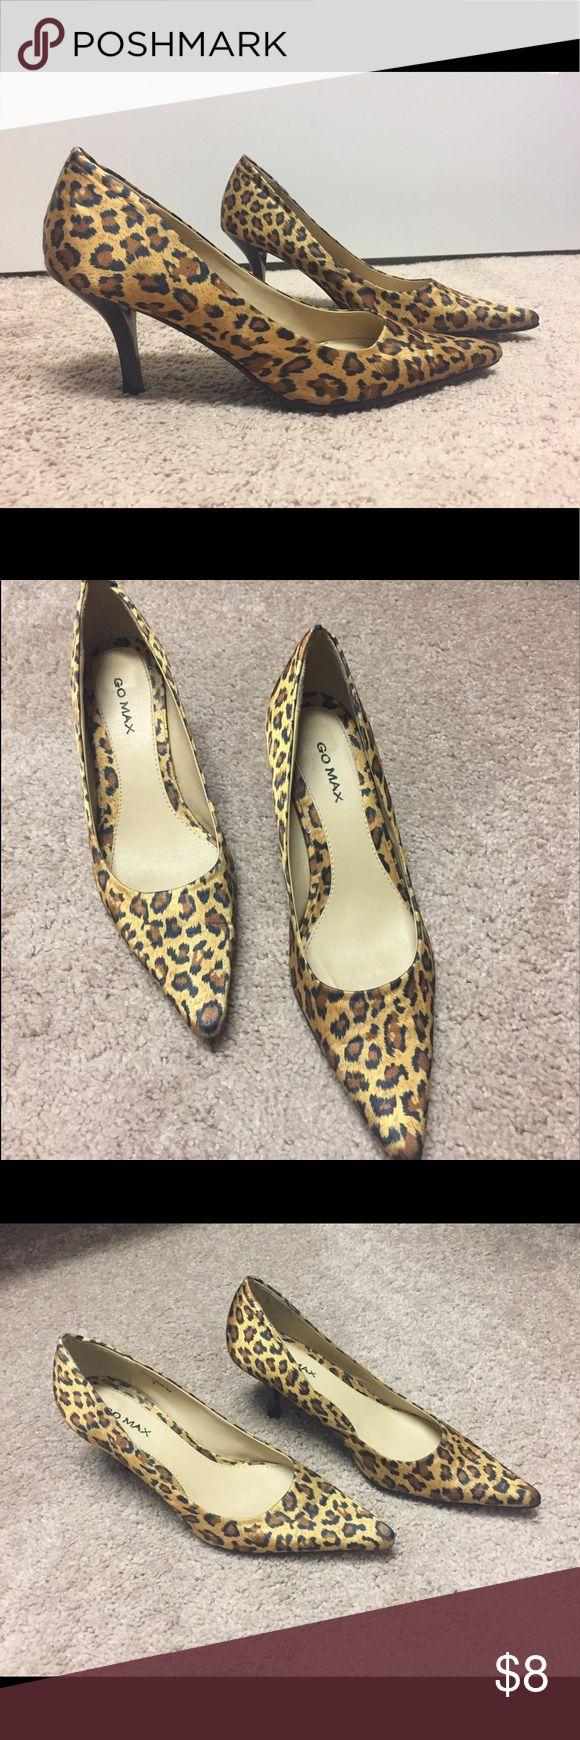 Cheetah Heels GO MAX cheetah heels size 6 Shoes Heels